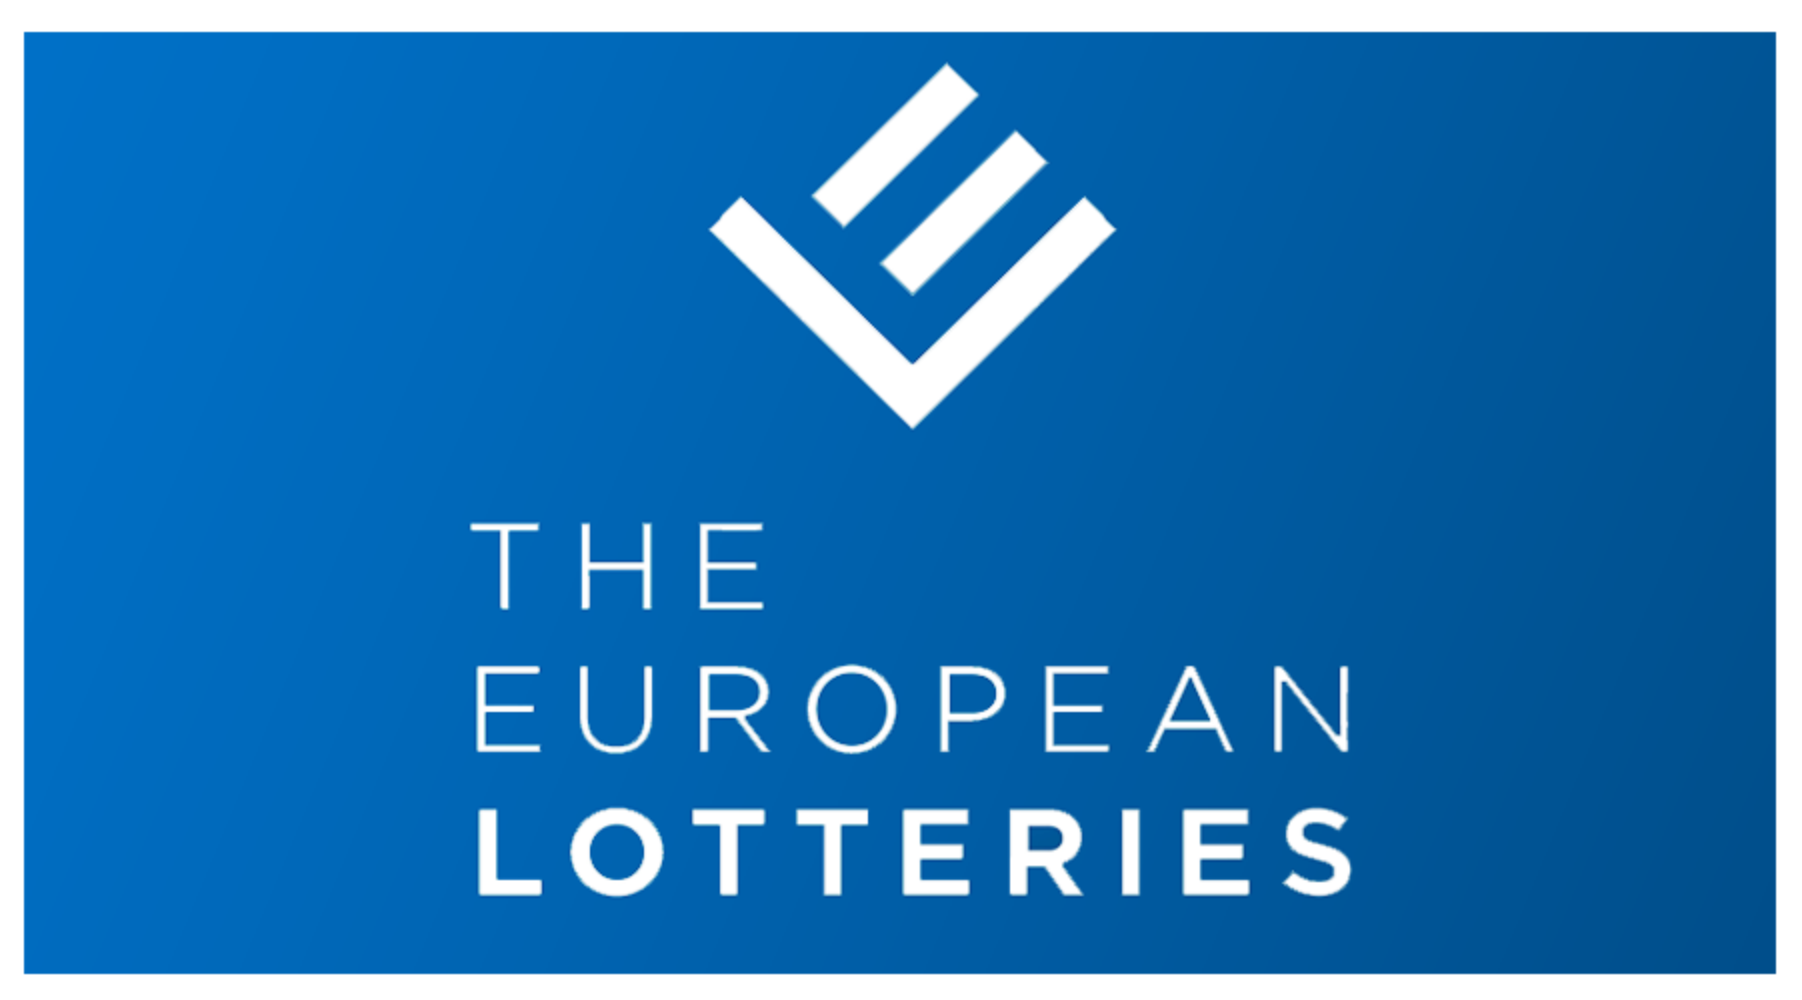 Finnország lottó: legfrissebb eredmények és információk